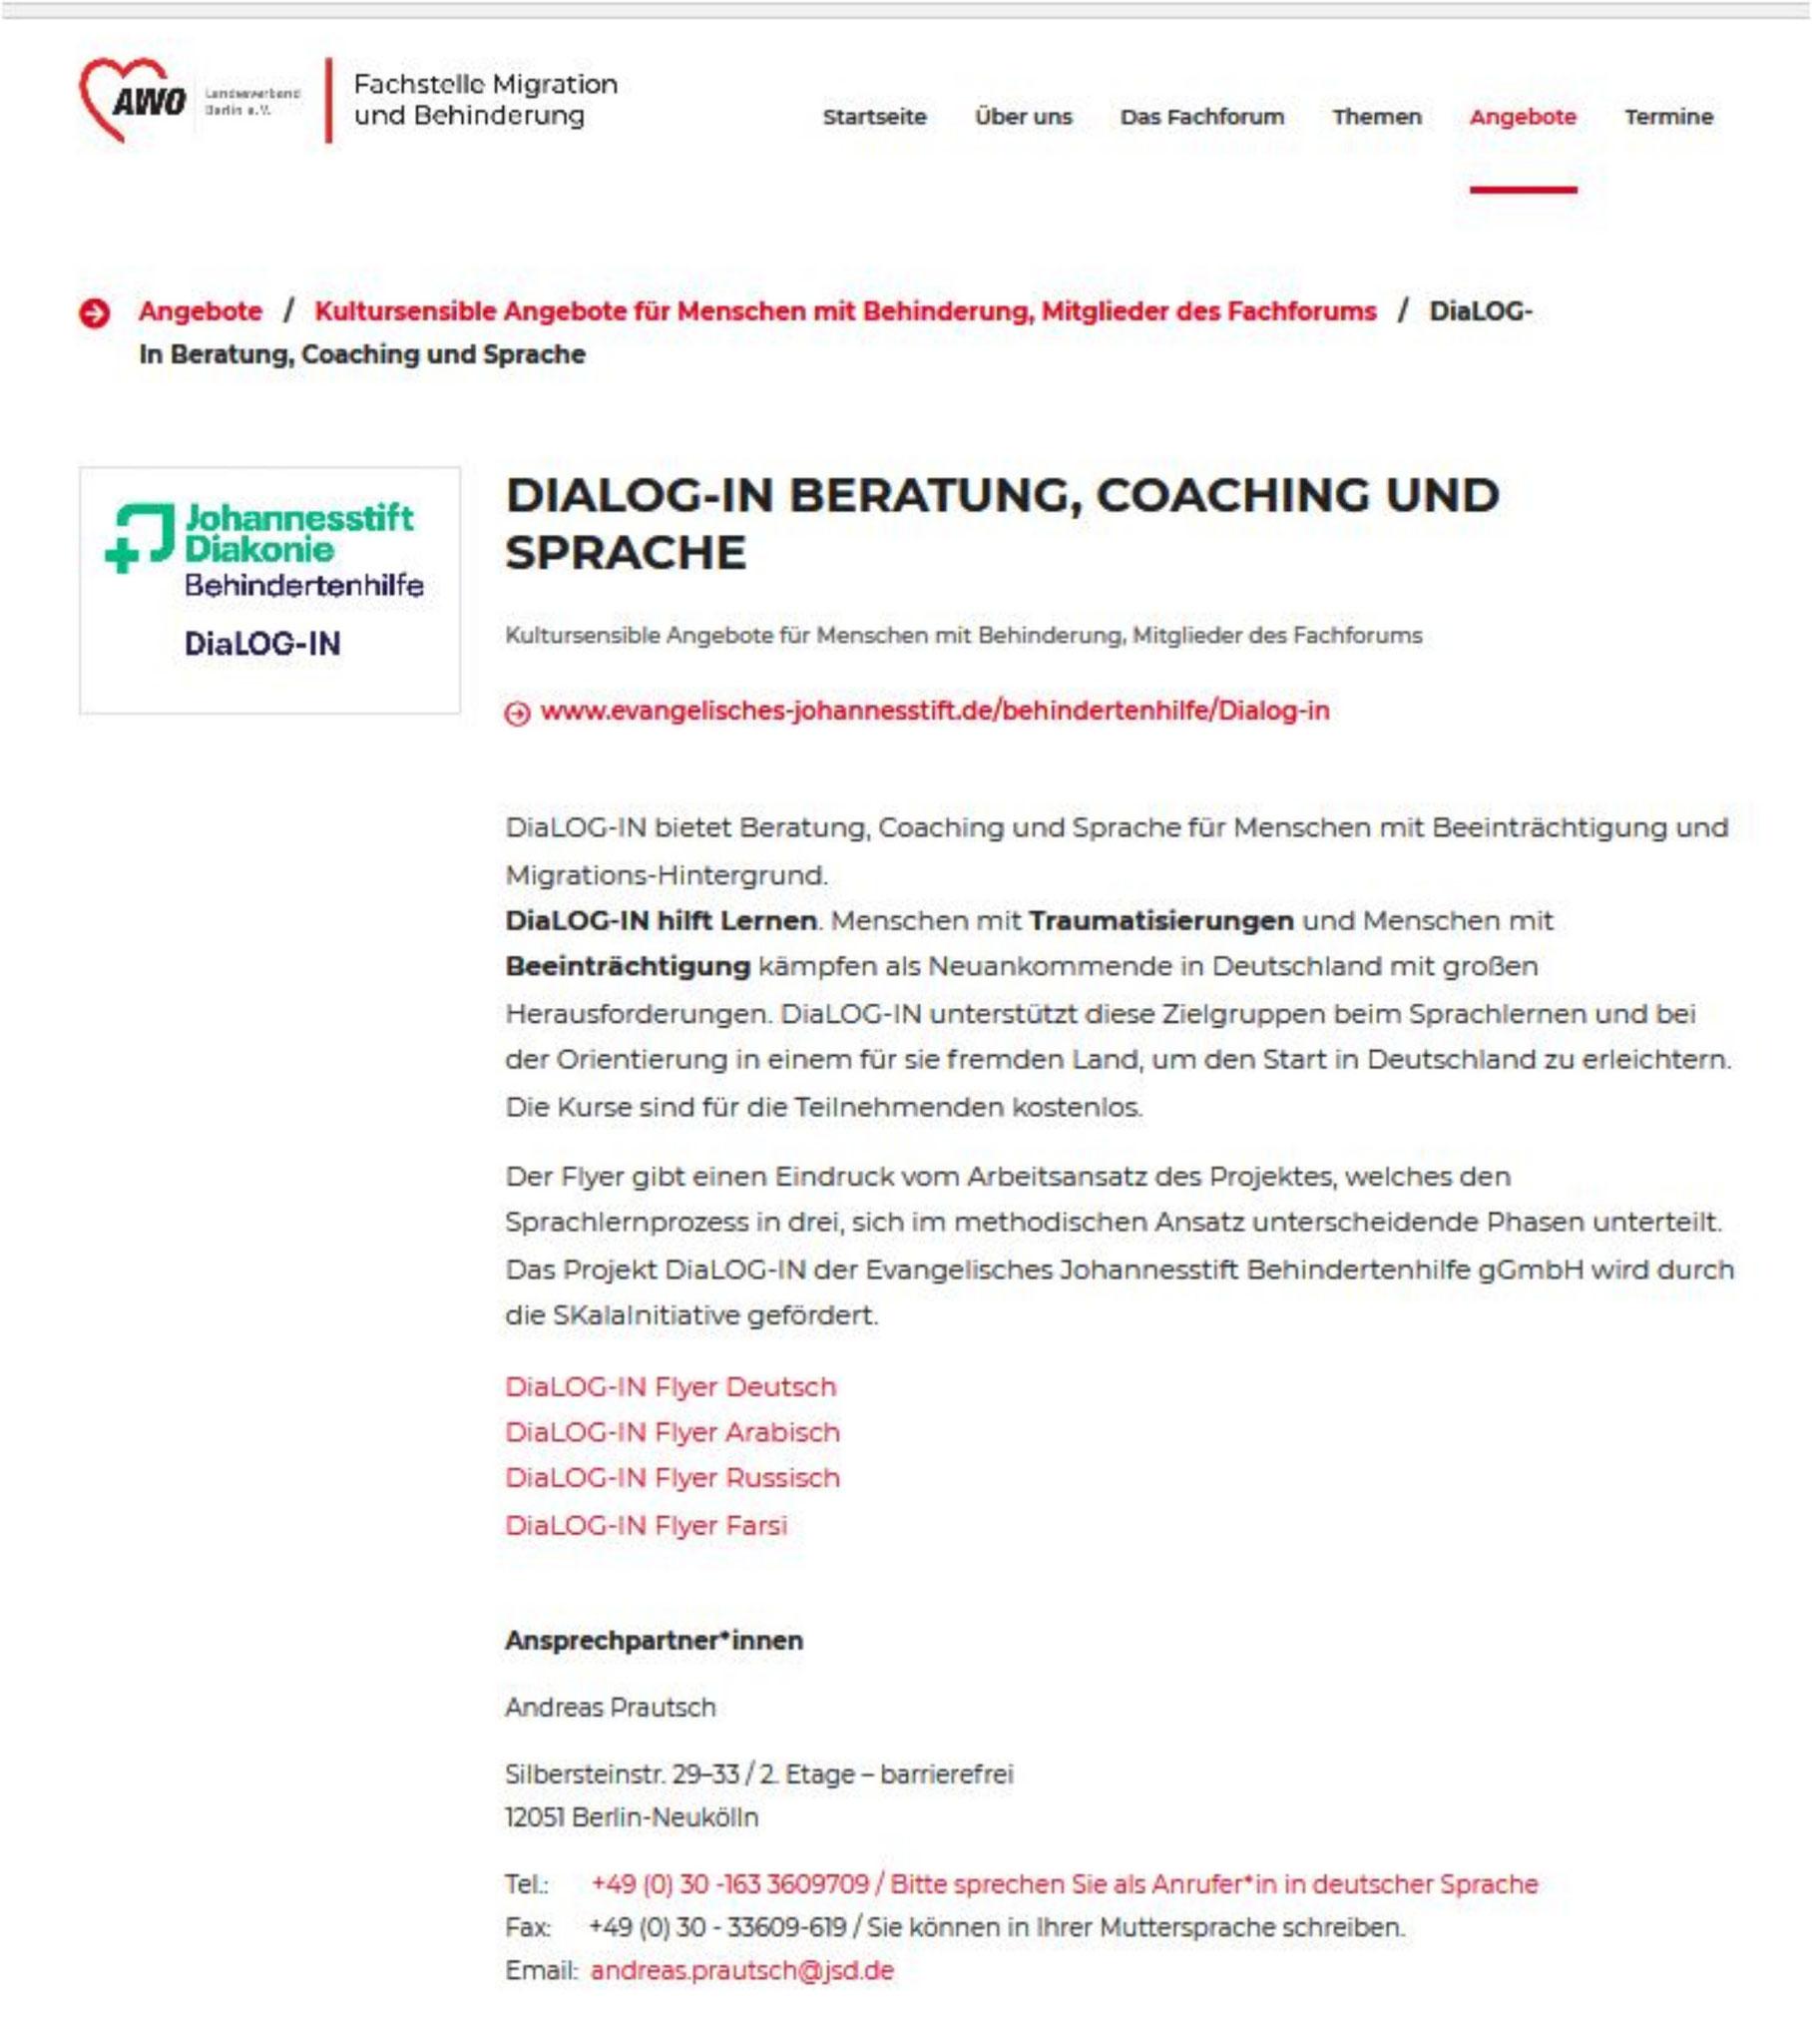 ... sehr interessiert: AWO Landesverband Berlin, Fachstelle Migration und Behinderung